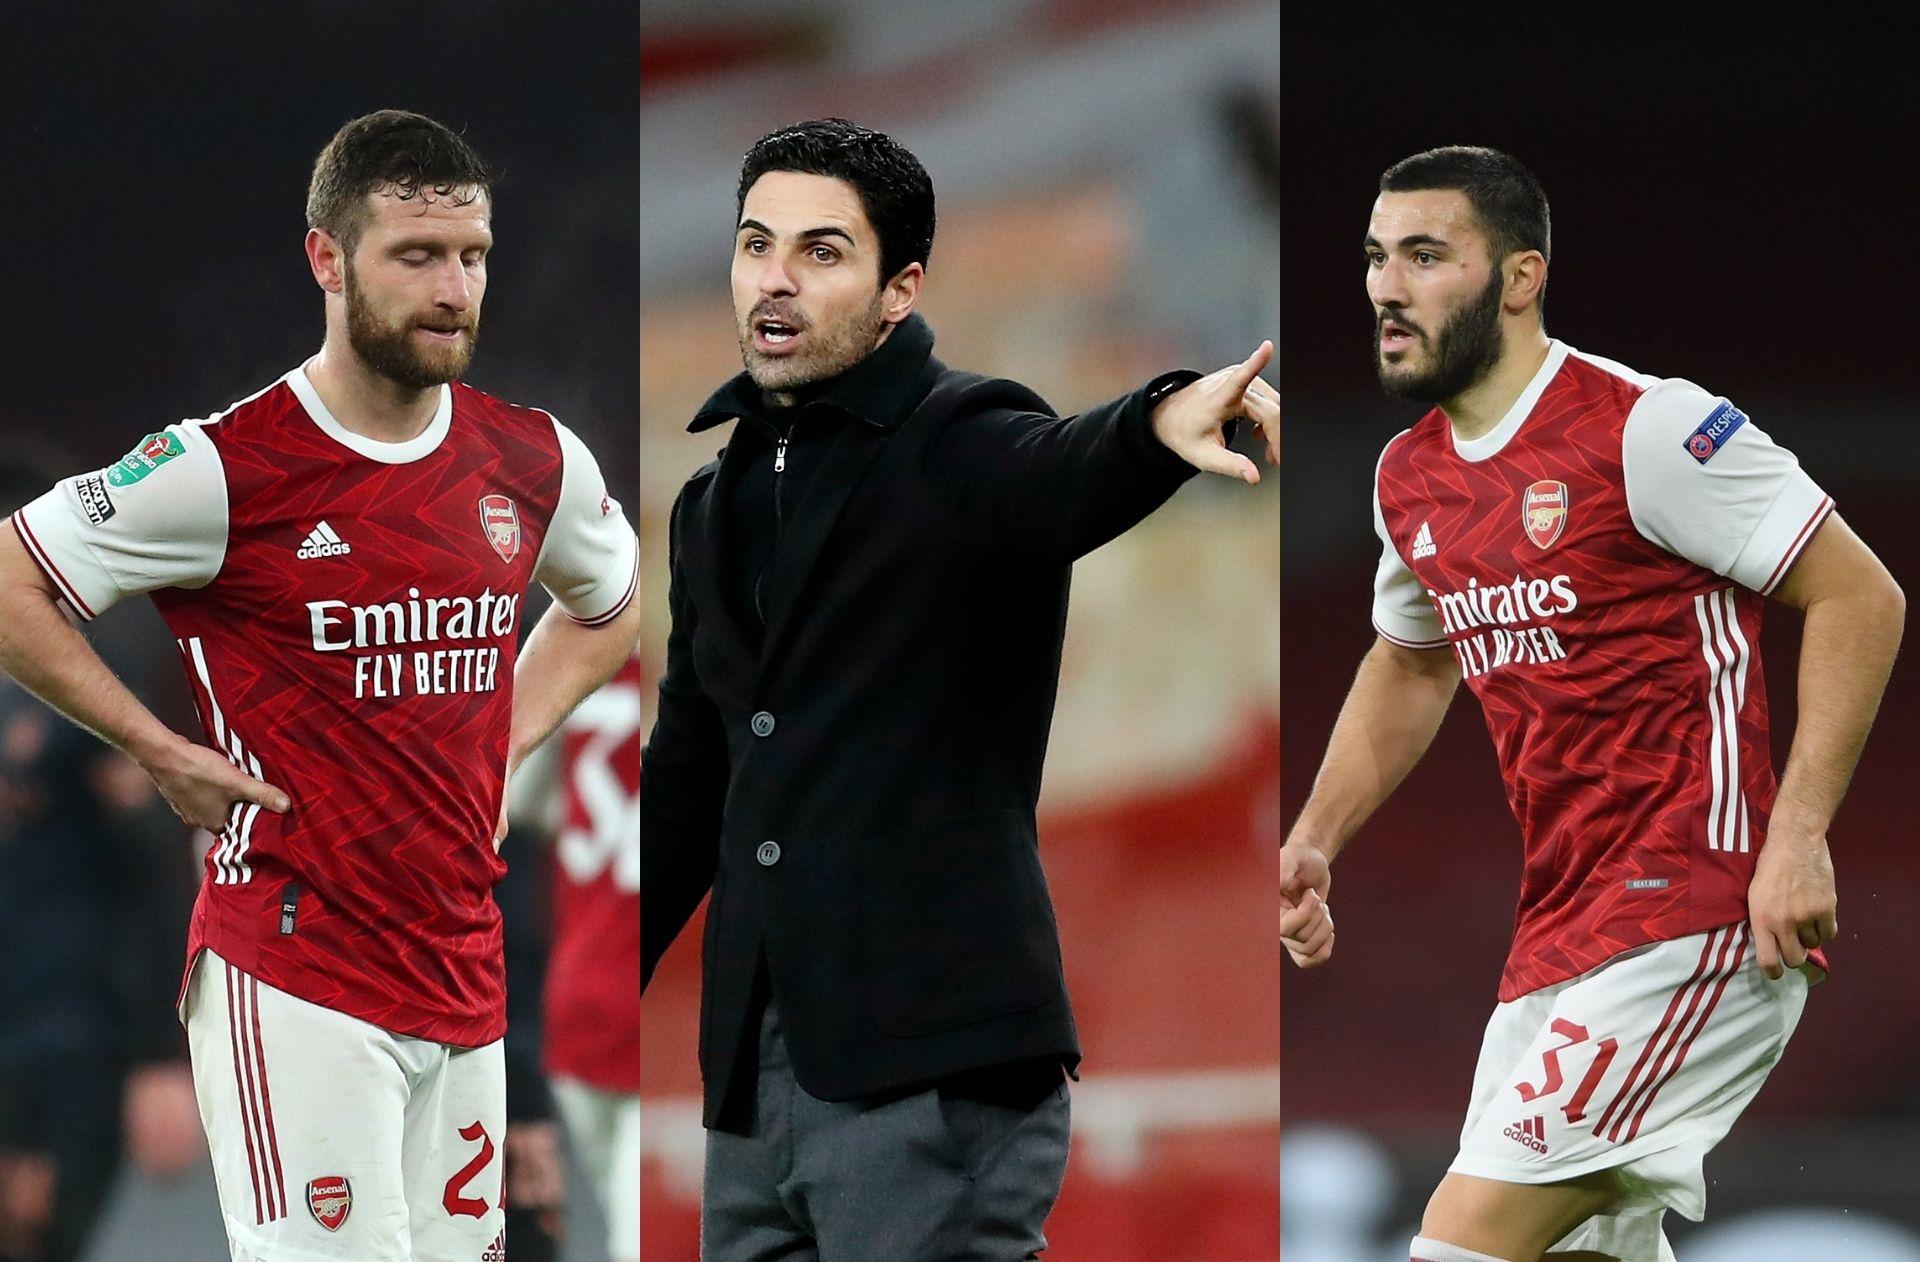 Shkodran Mustafi, Mikel Arteta, Sead Kolasinac - Arsenal